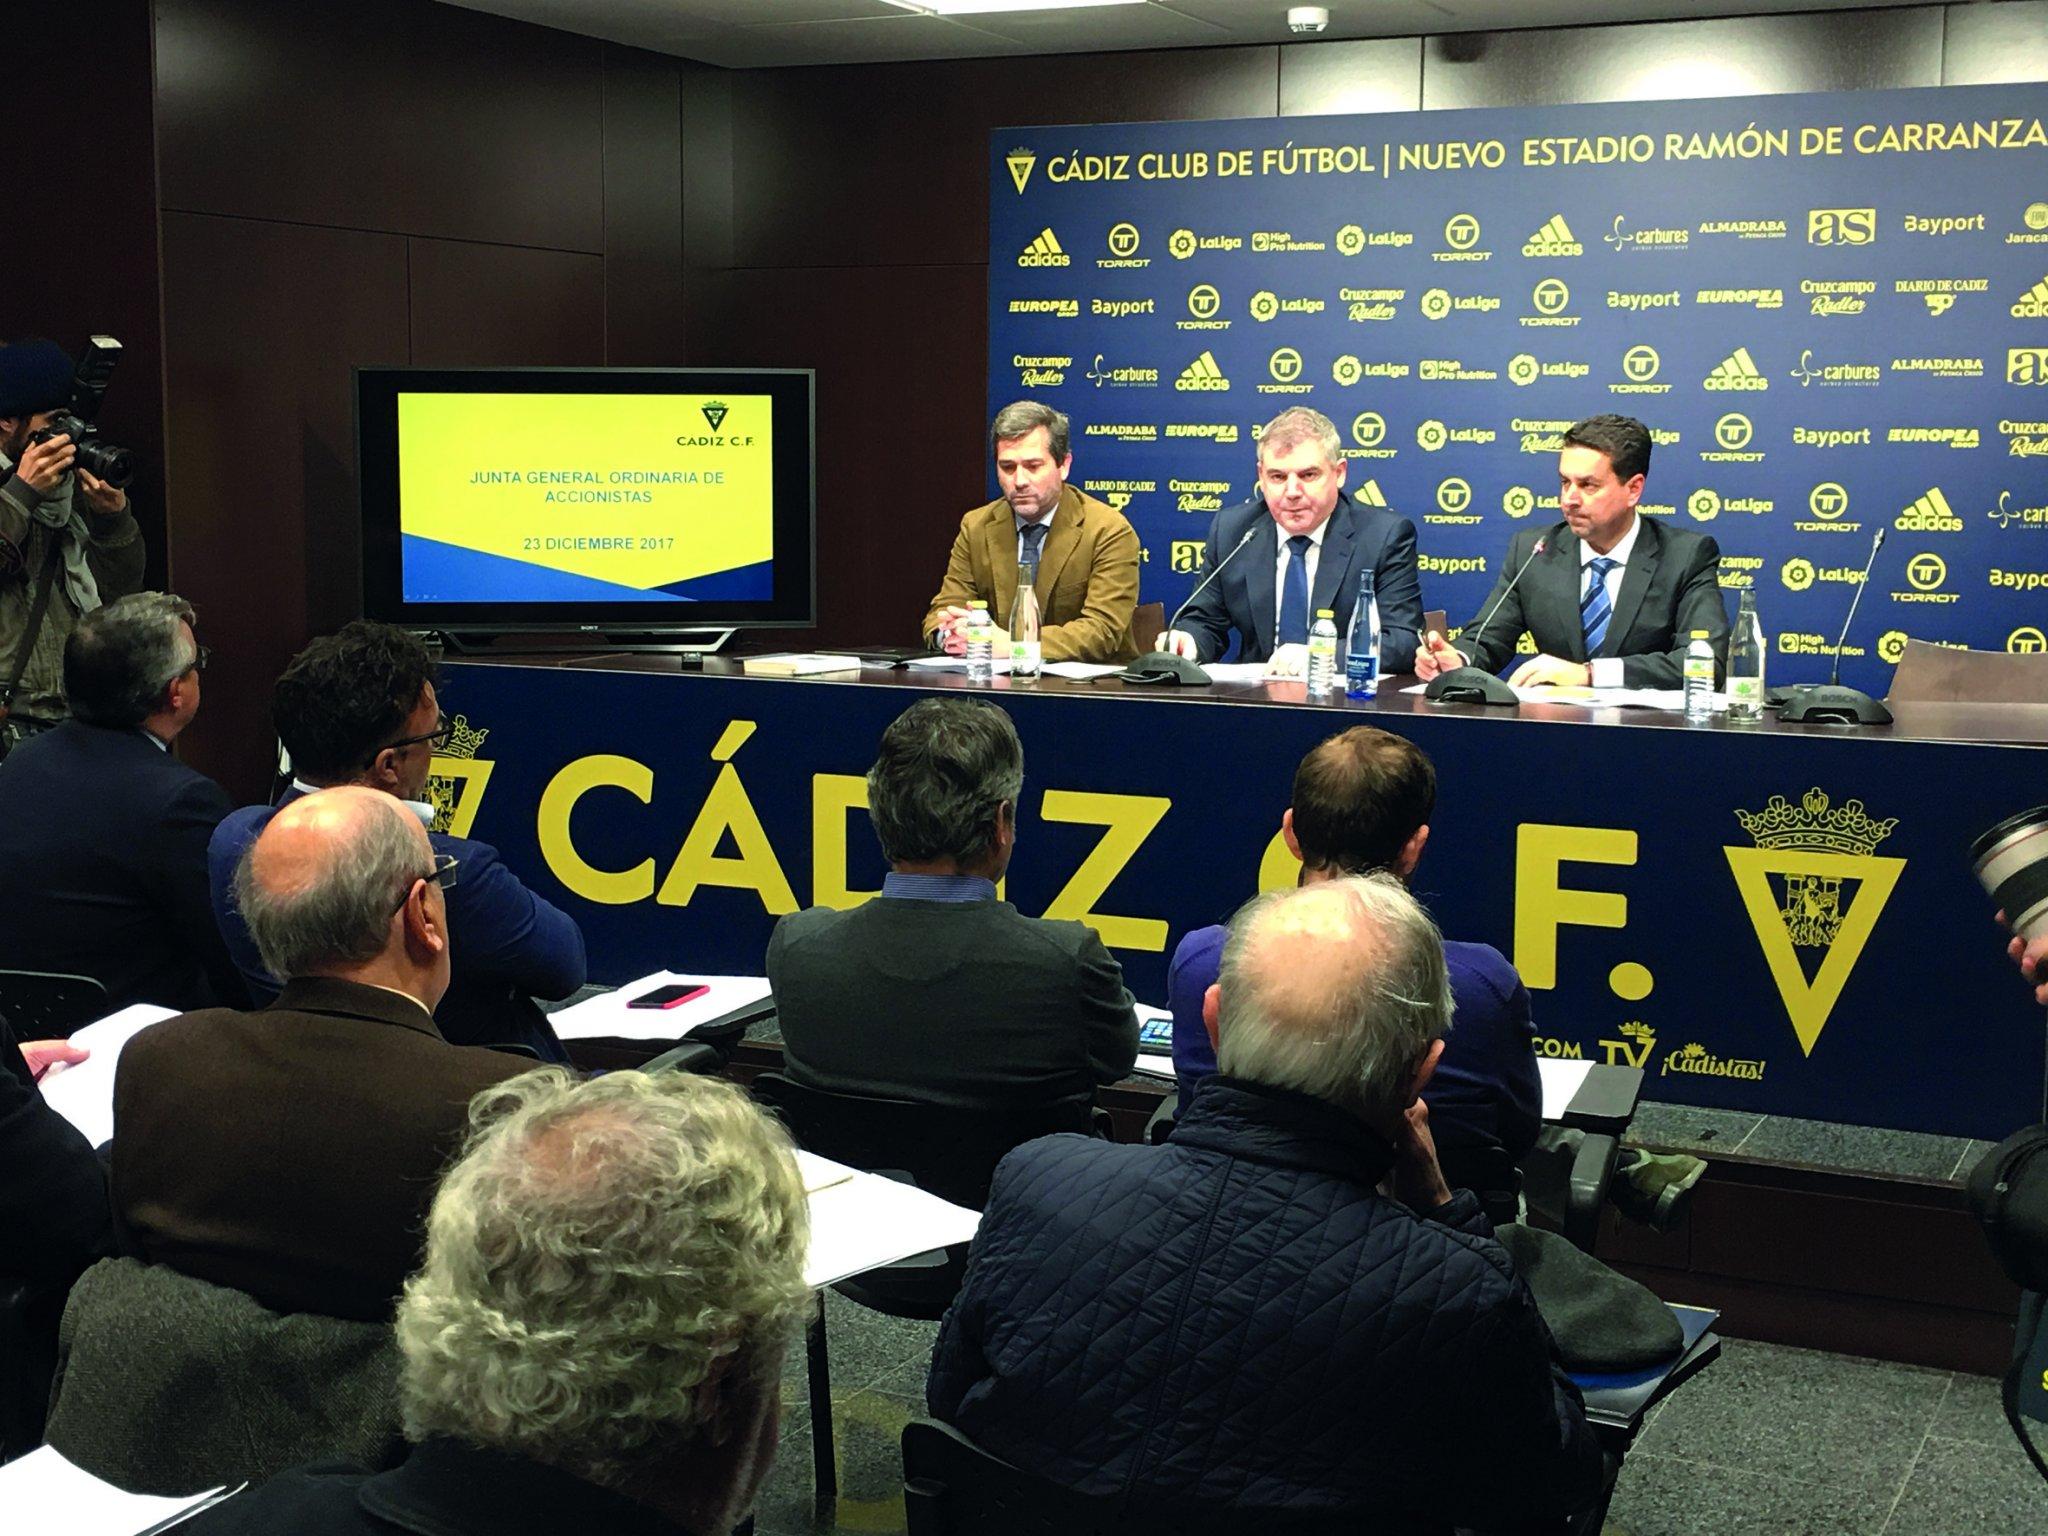 Los accionistas aprueban lo que quiere Vizcaíno, y Pina asiste y protesta por no tener las cuentas